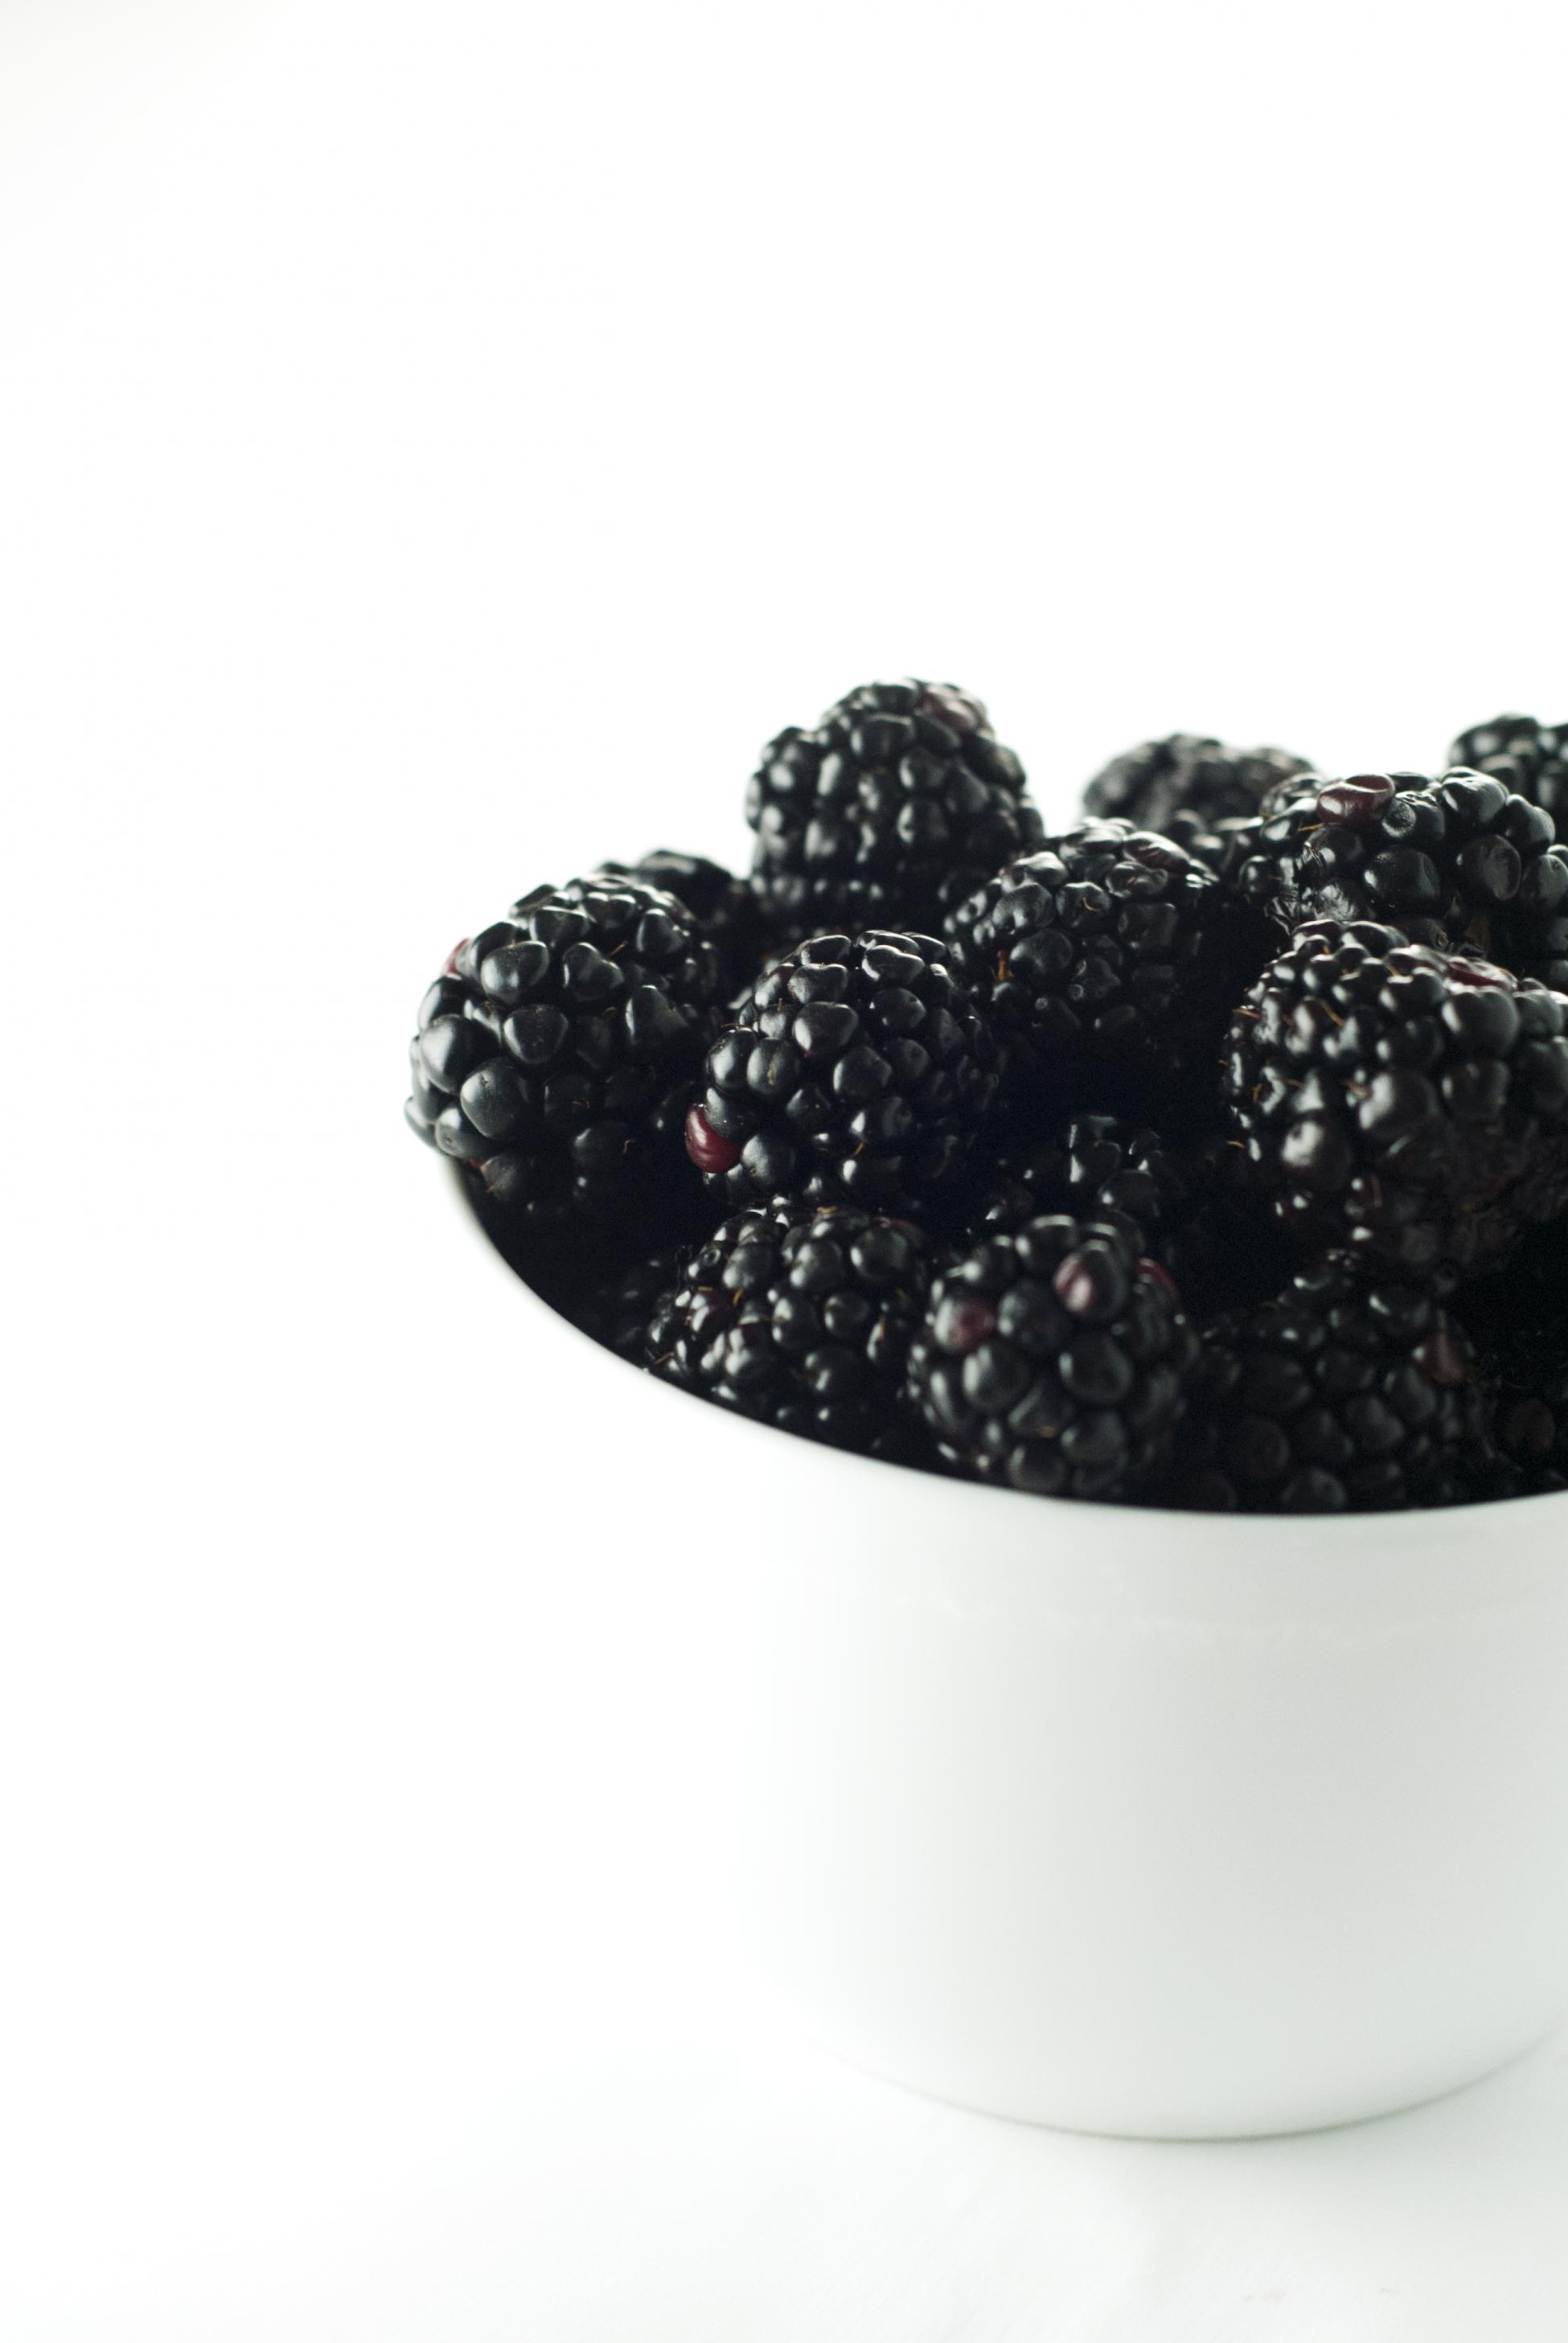 Big Bowl of Blackberries